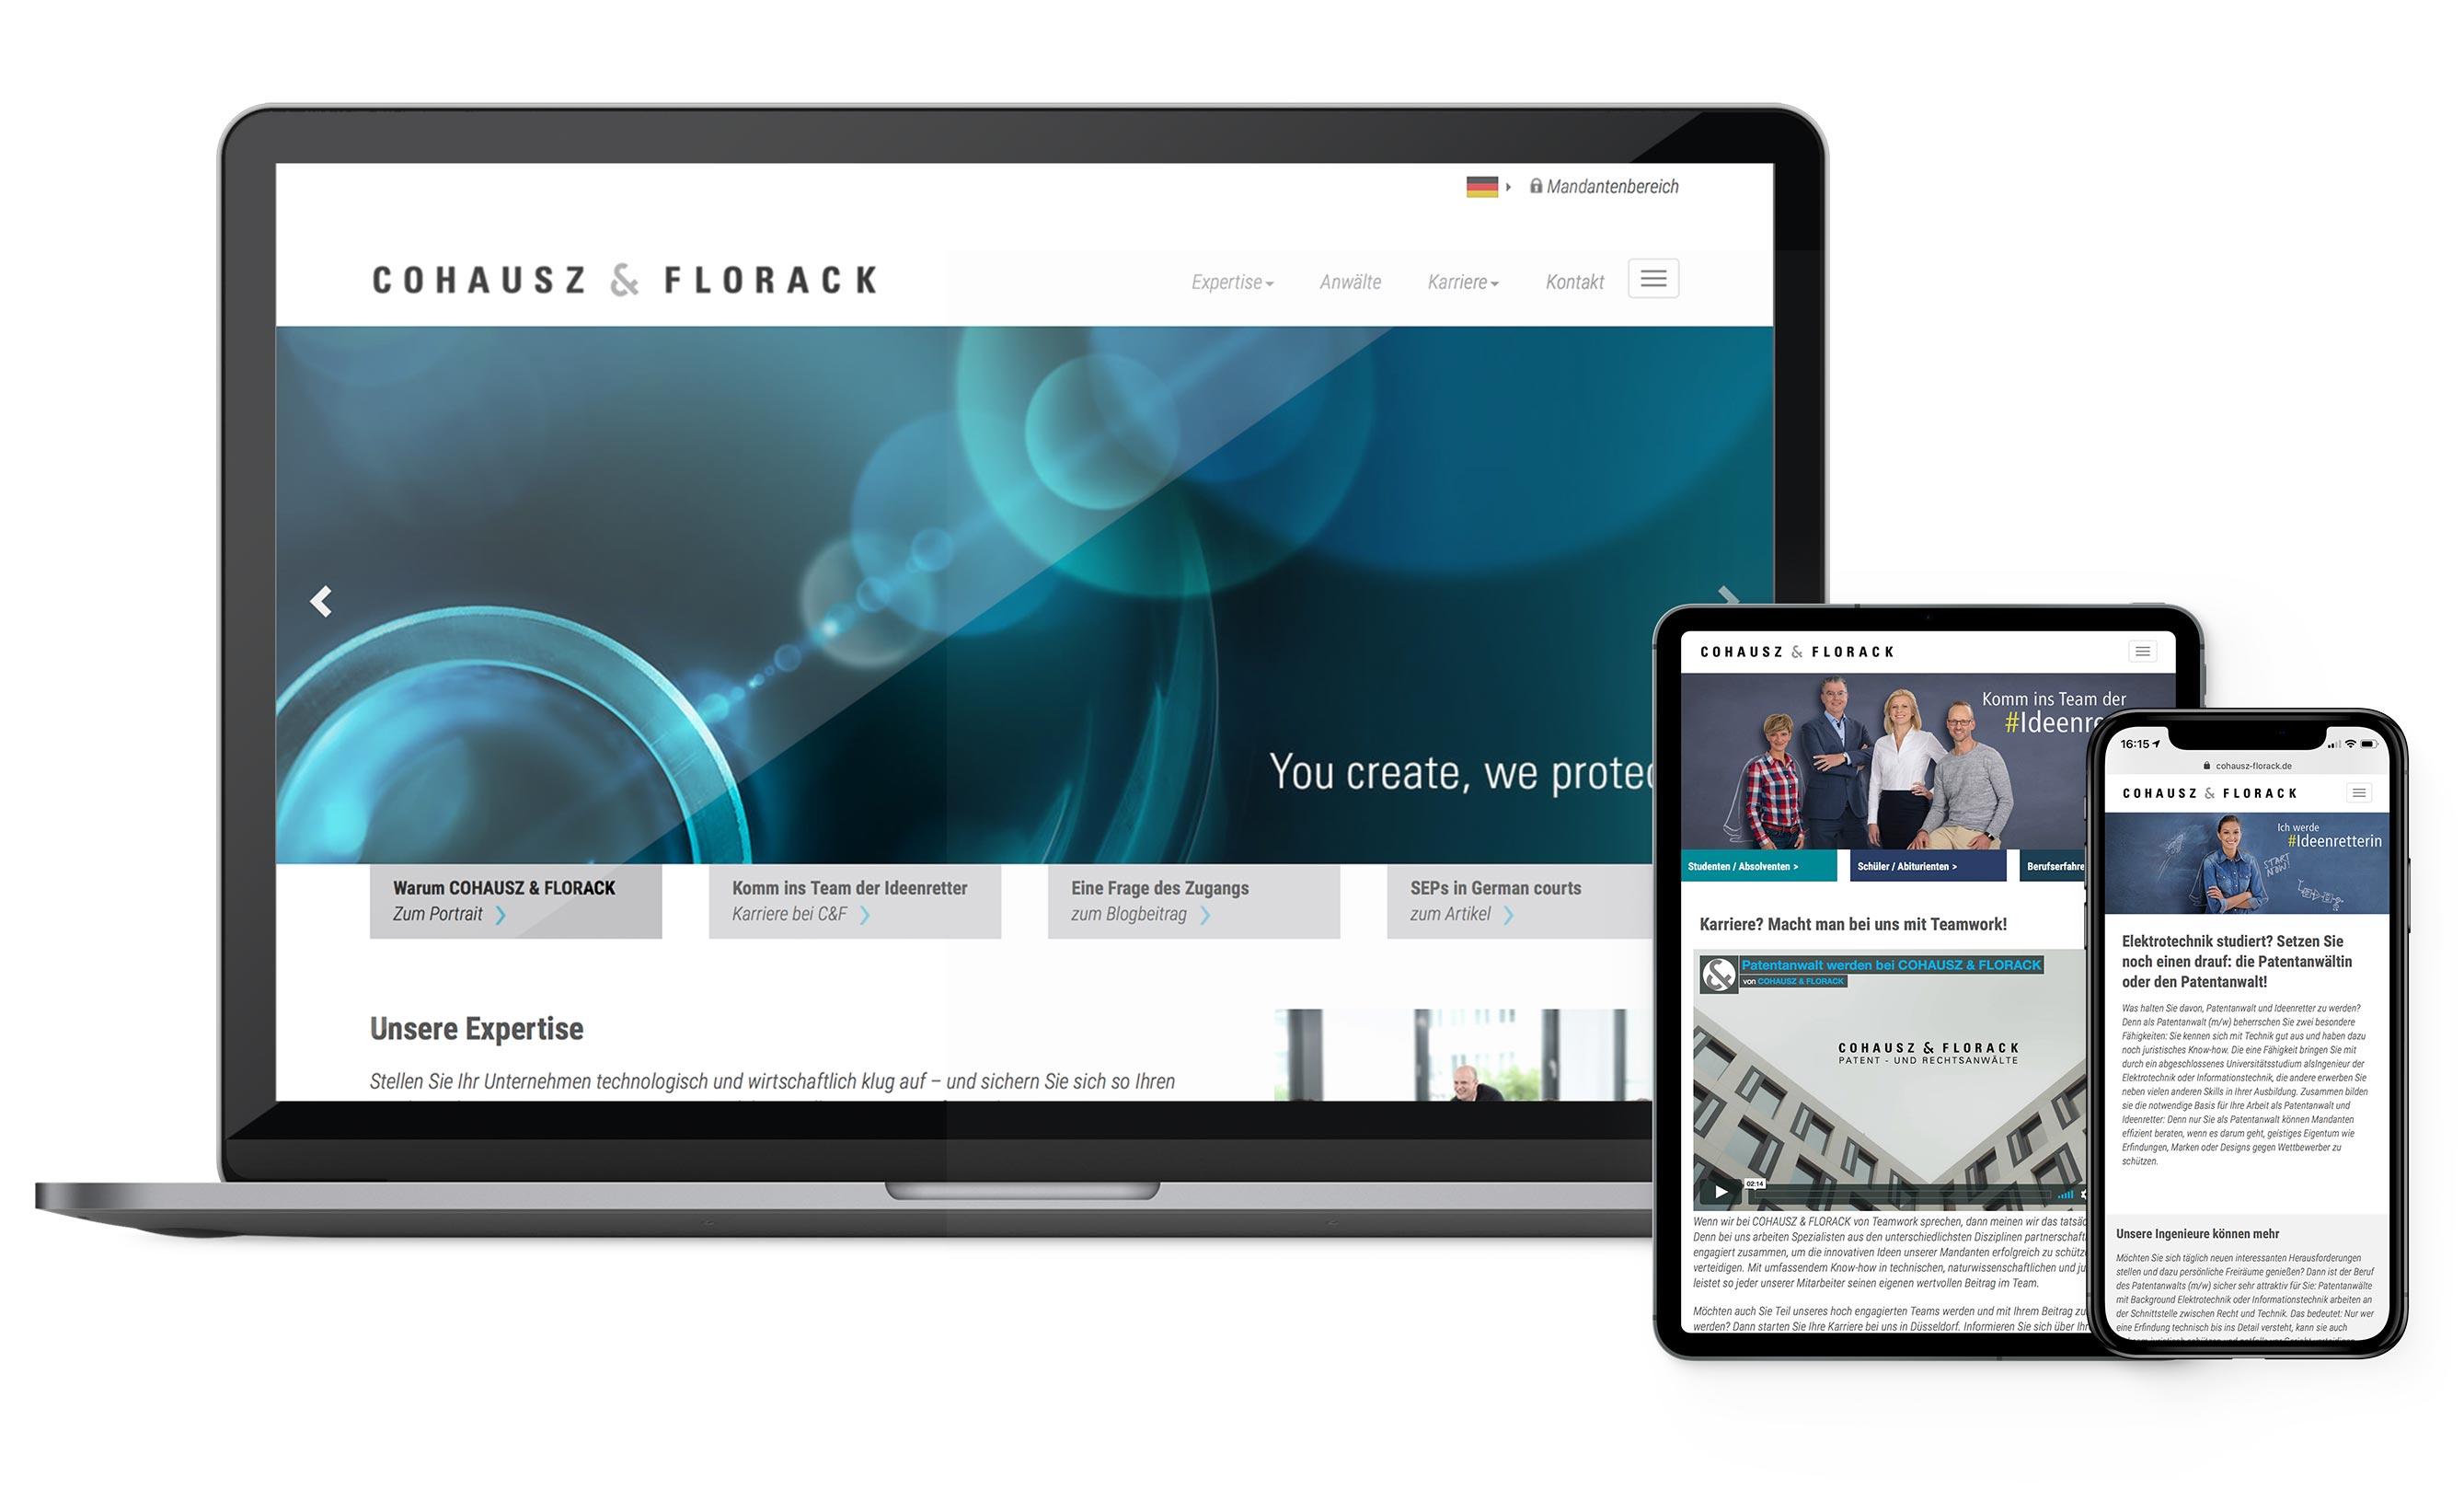 Darstellung der Websitegestaltung für Cohausz & Florack - Karriereseite, Landingpage, Responsive-Design